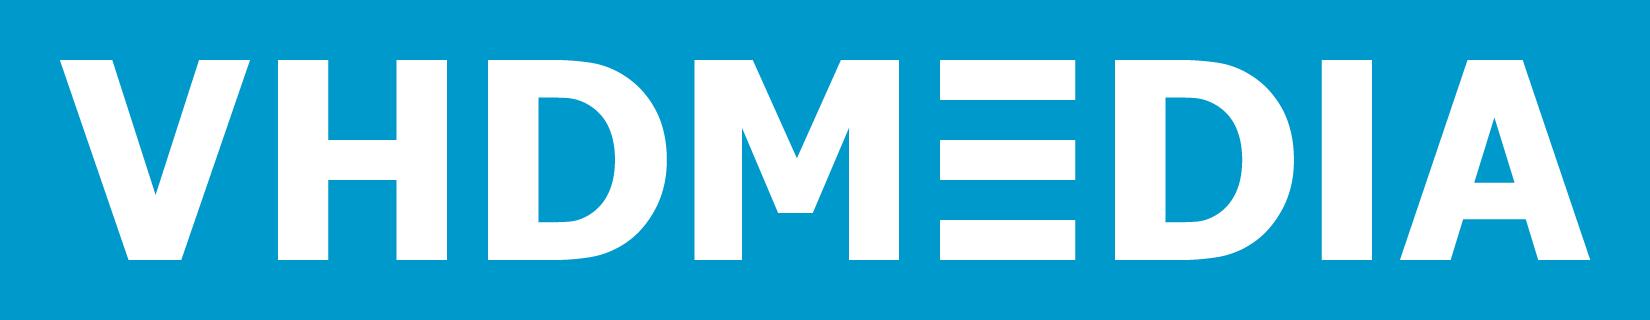 VHD Media logga